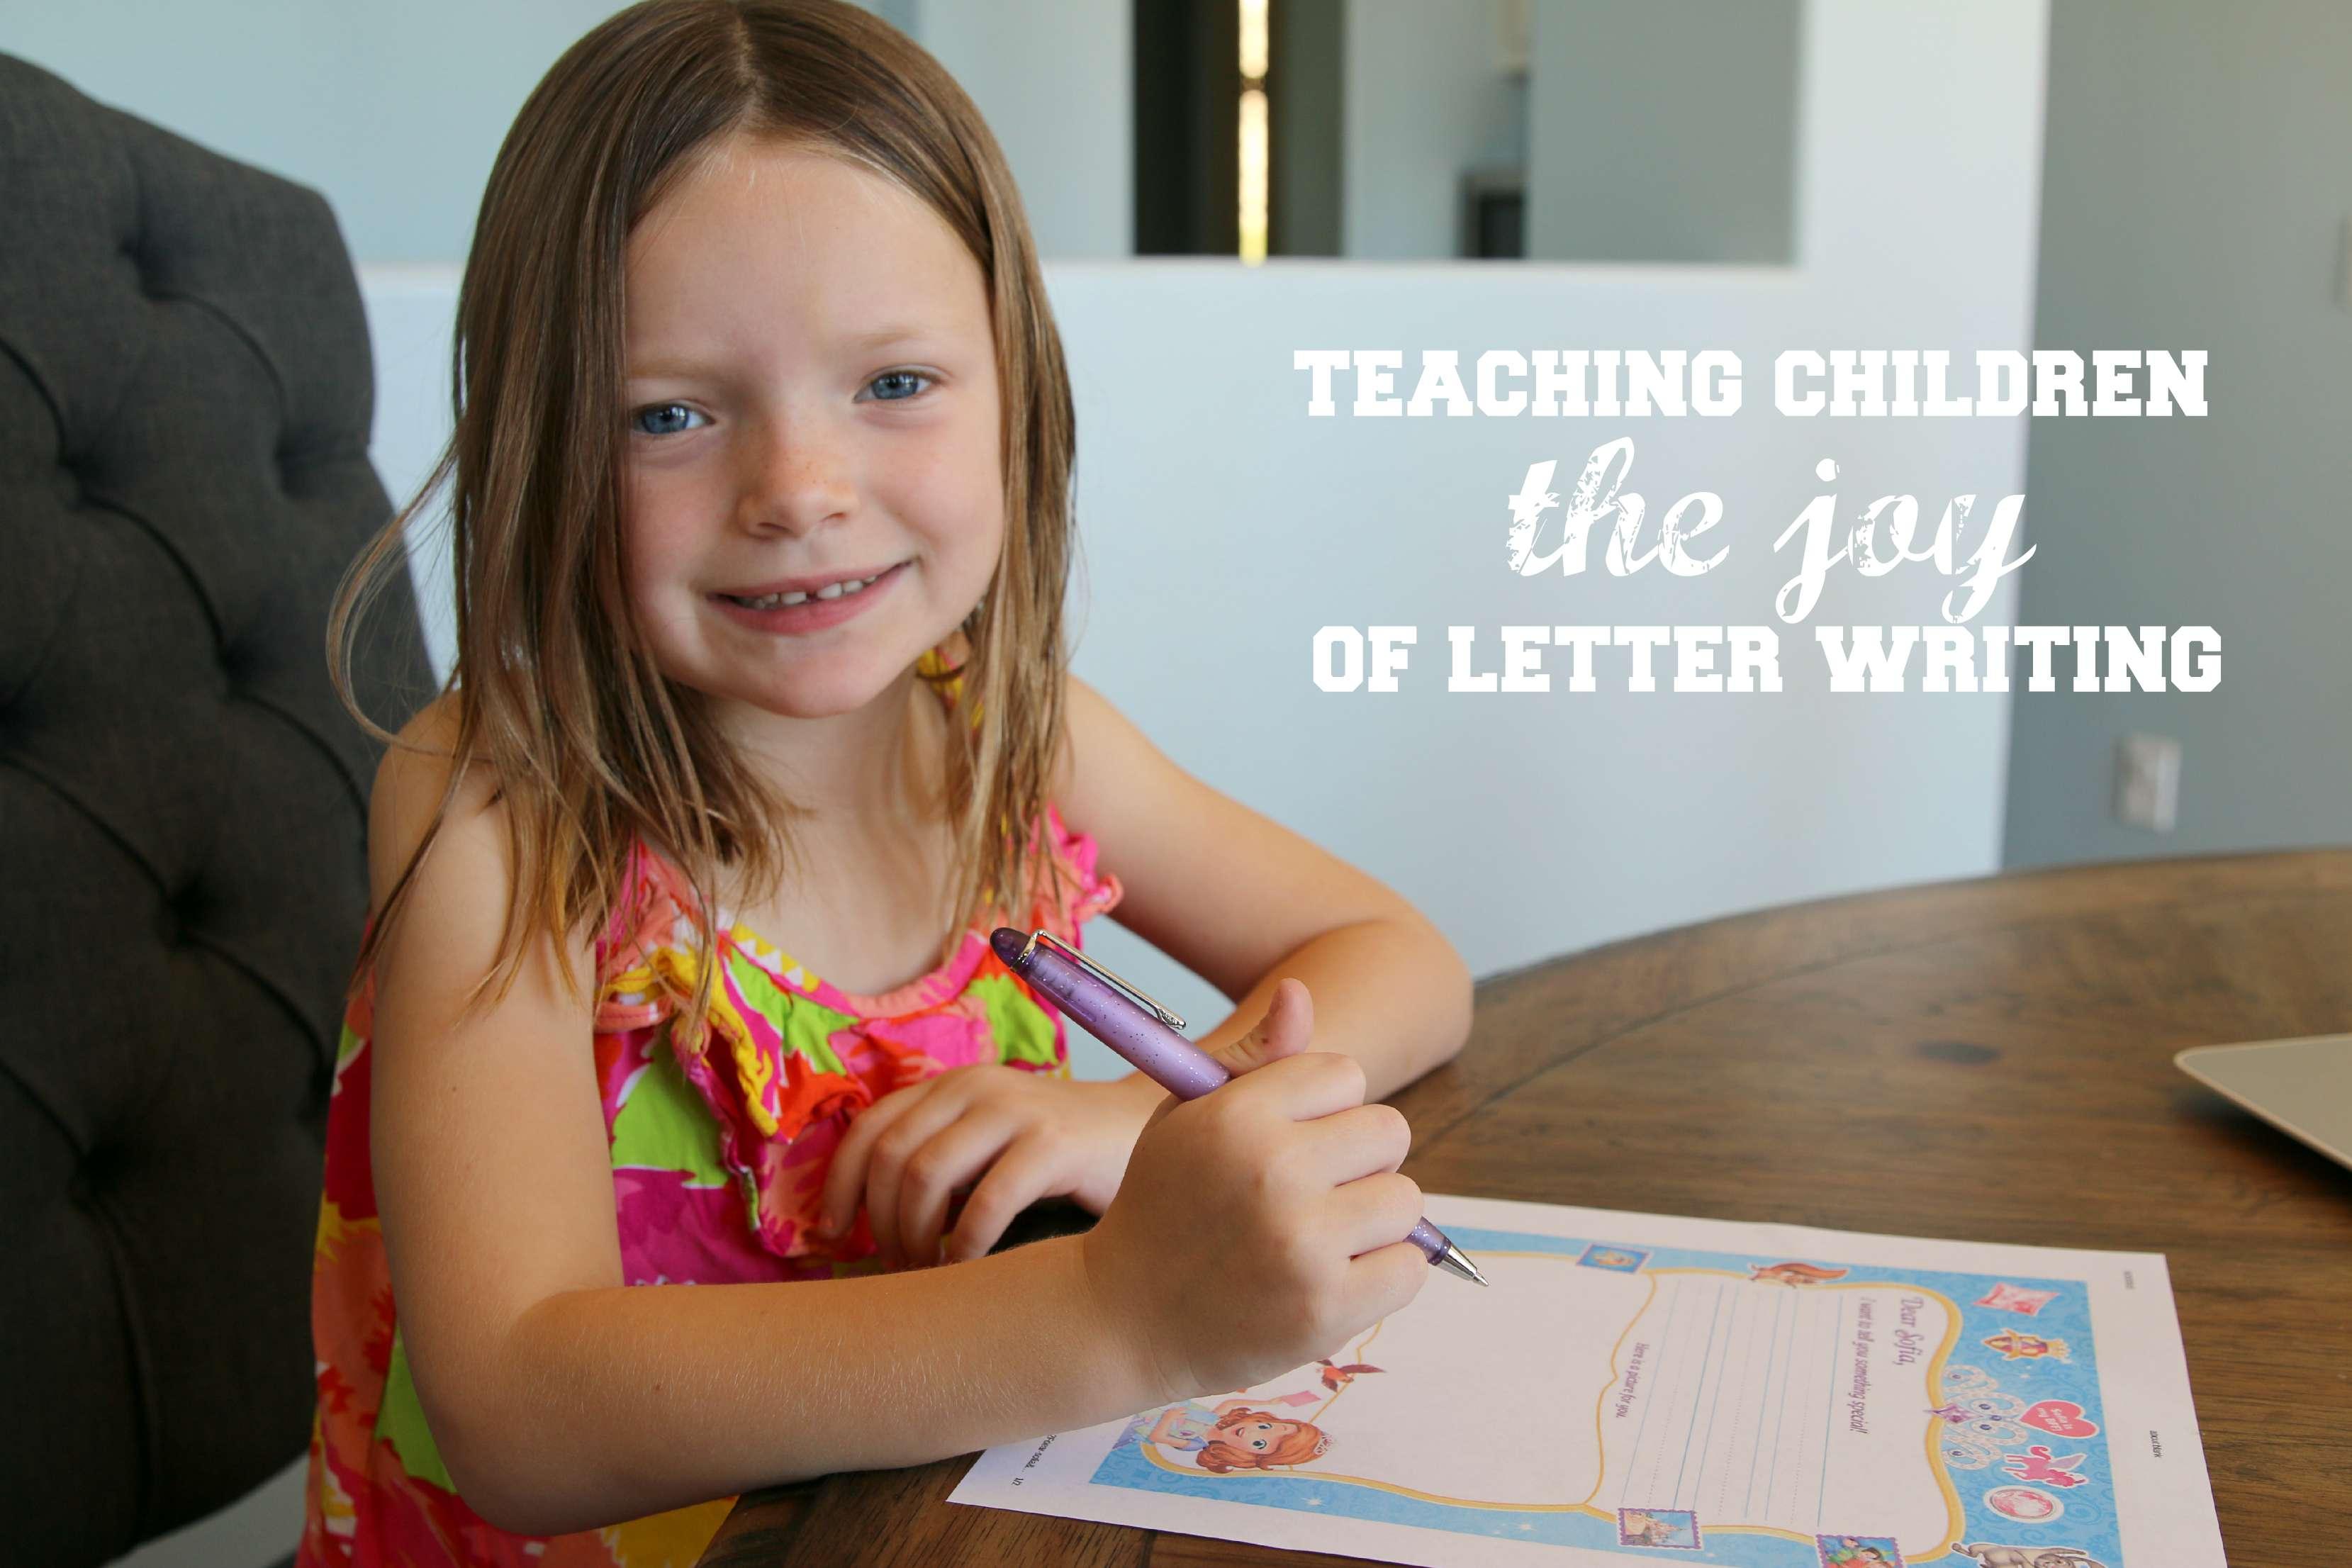 teaching children letter writing